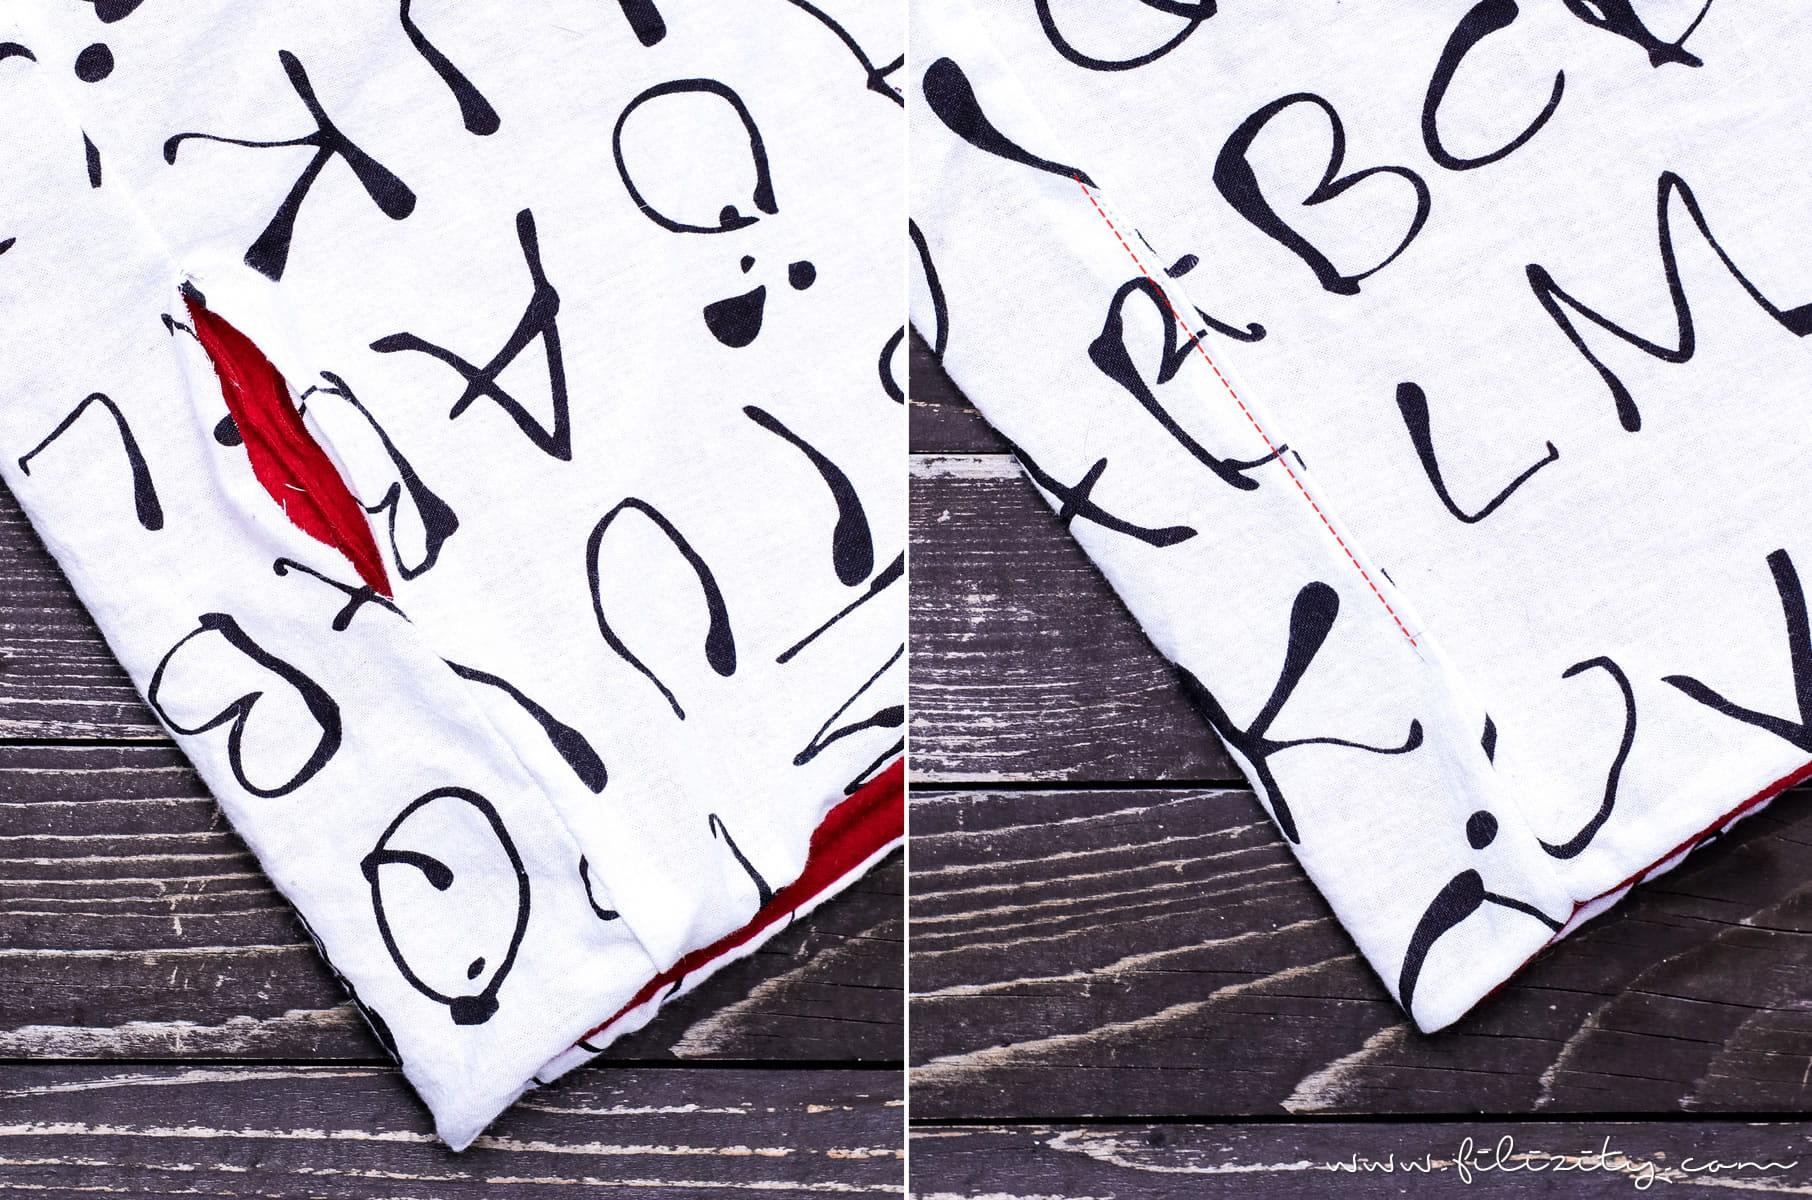 DIY Fashion: Winter-Accessoire Schlauchschal nähen in 10 Minuten | Filizity.com | DIY-Blog aus dem Rheinland #nähen #diyfashion #loop